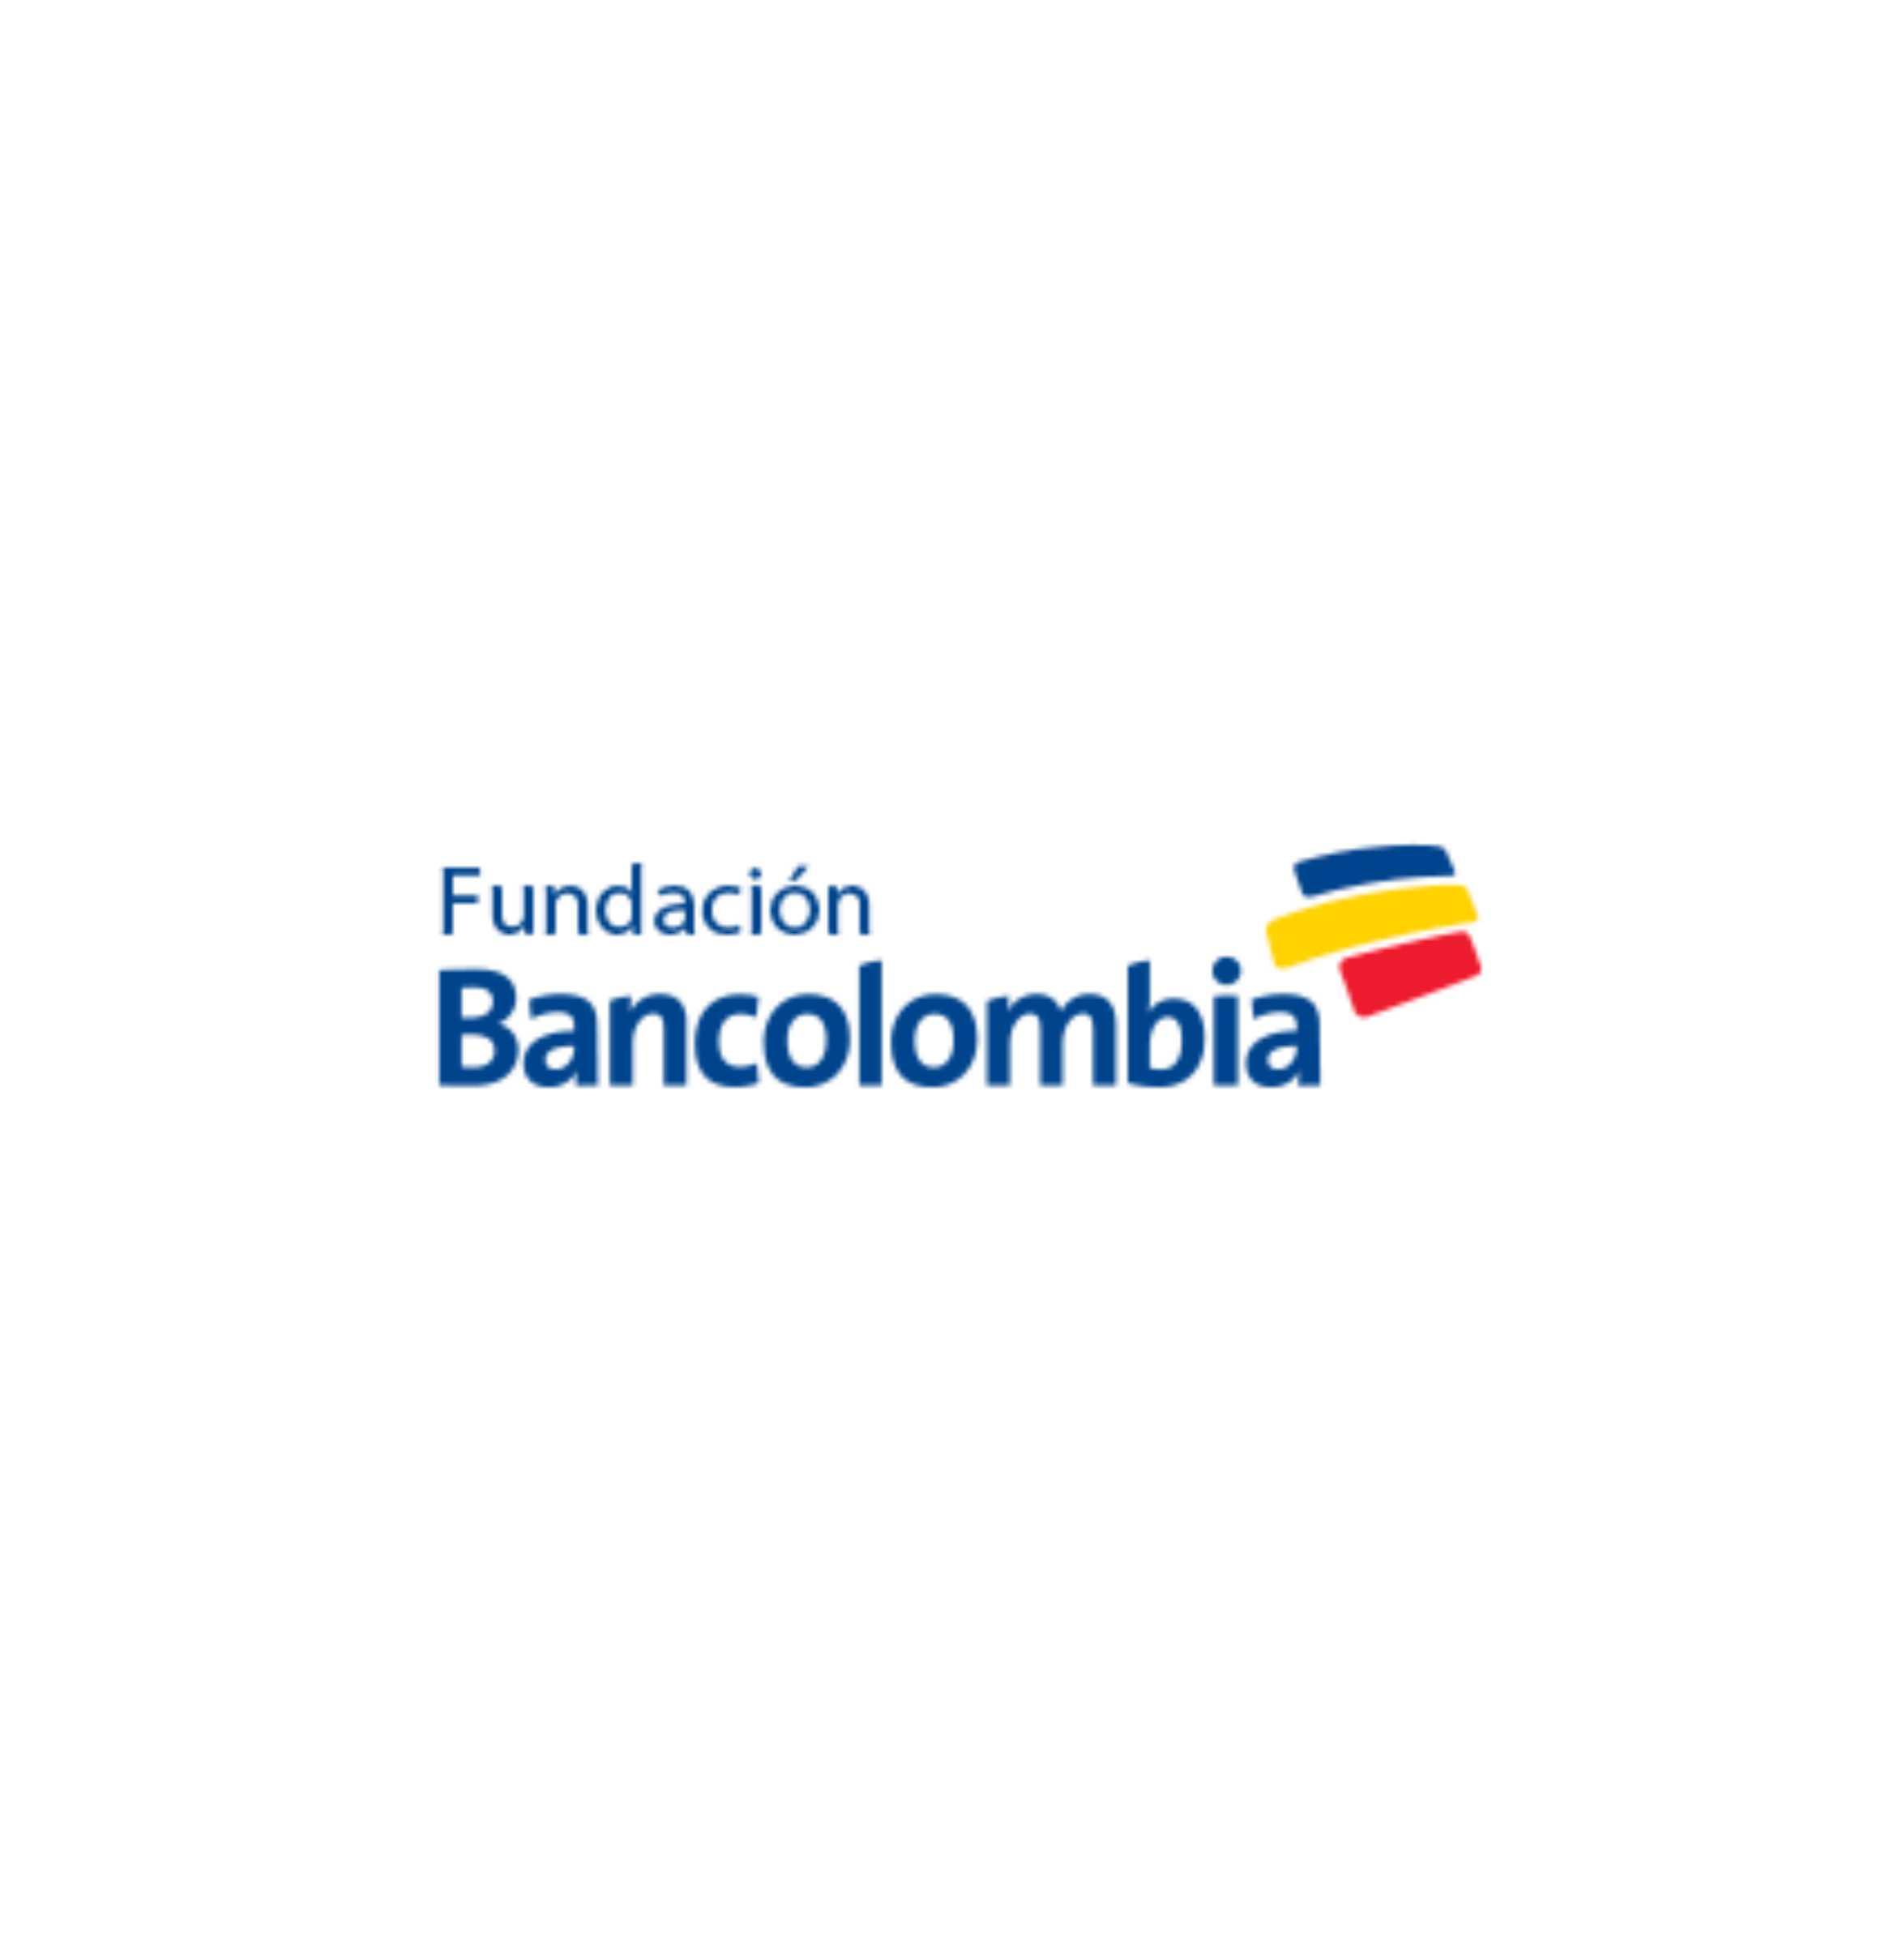 Fundación Bancolombia